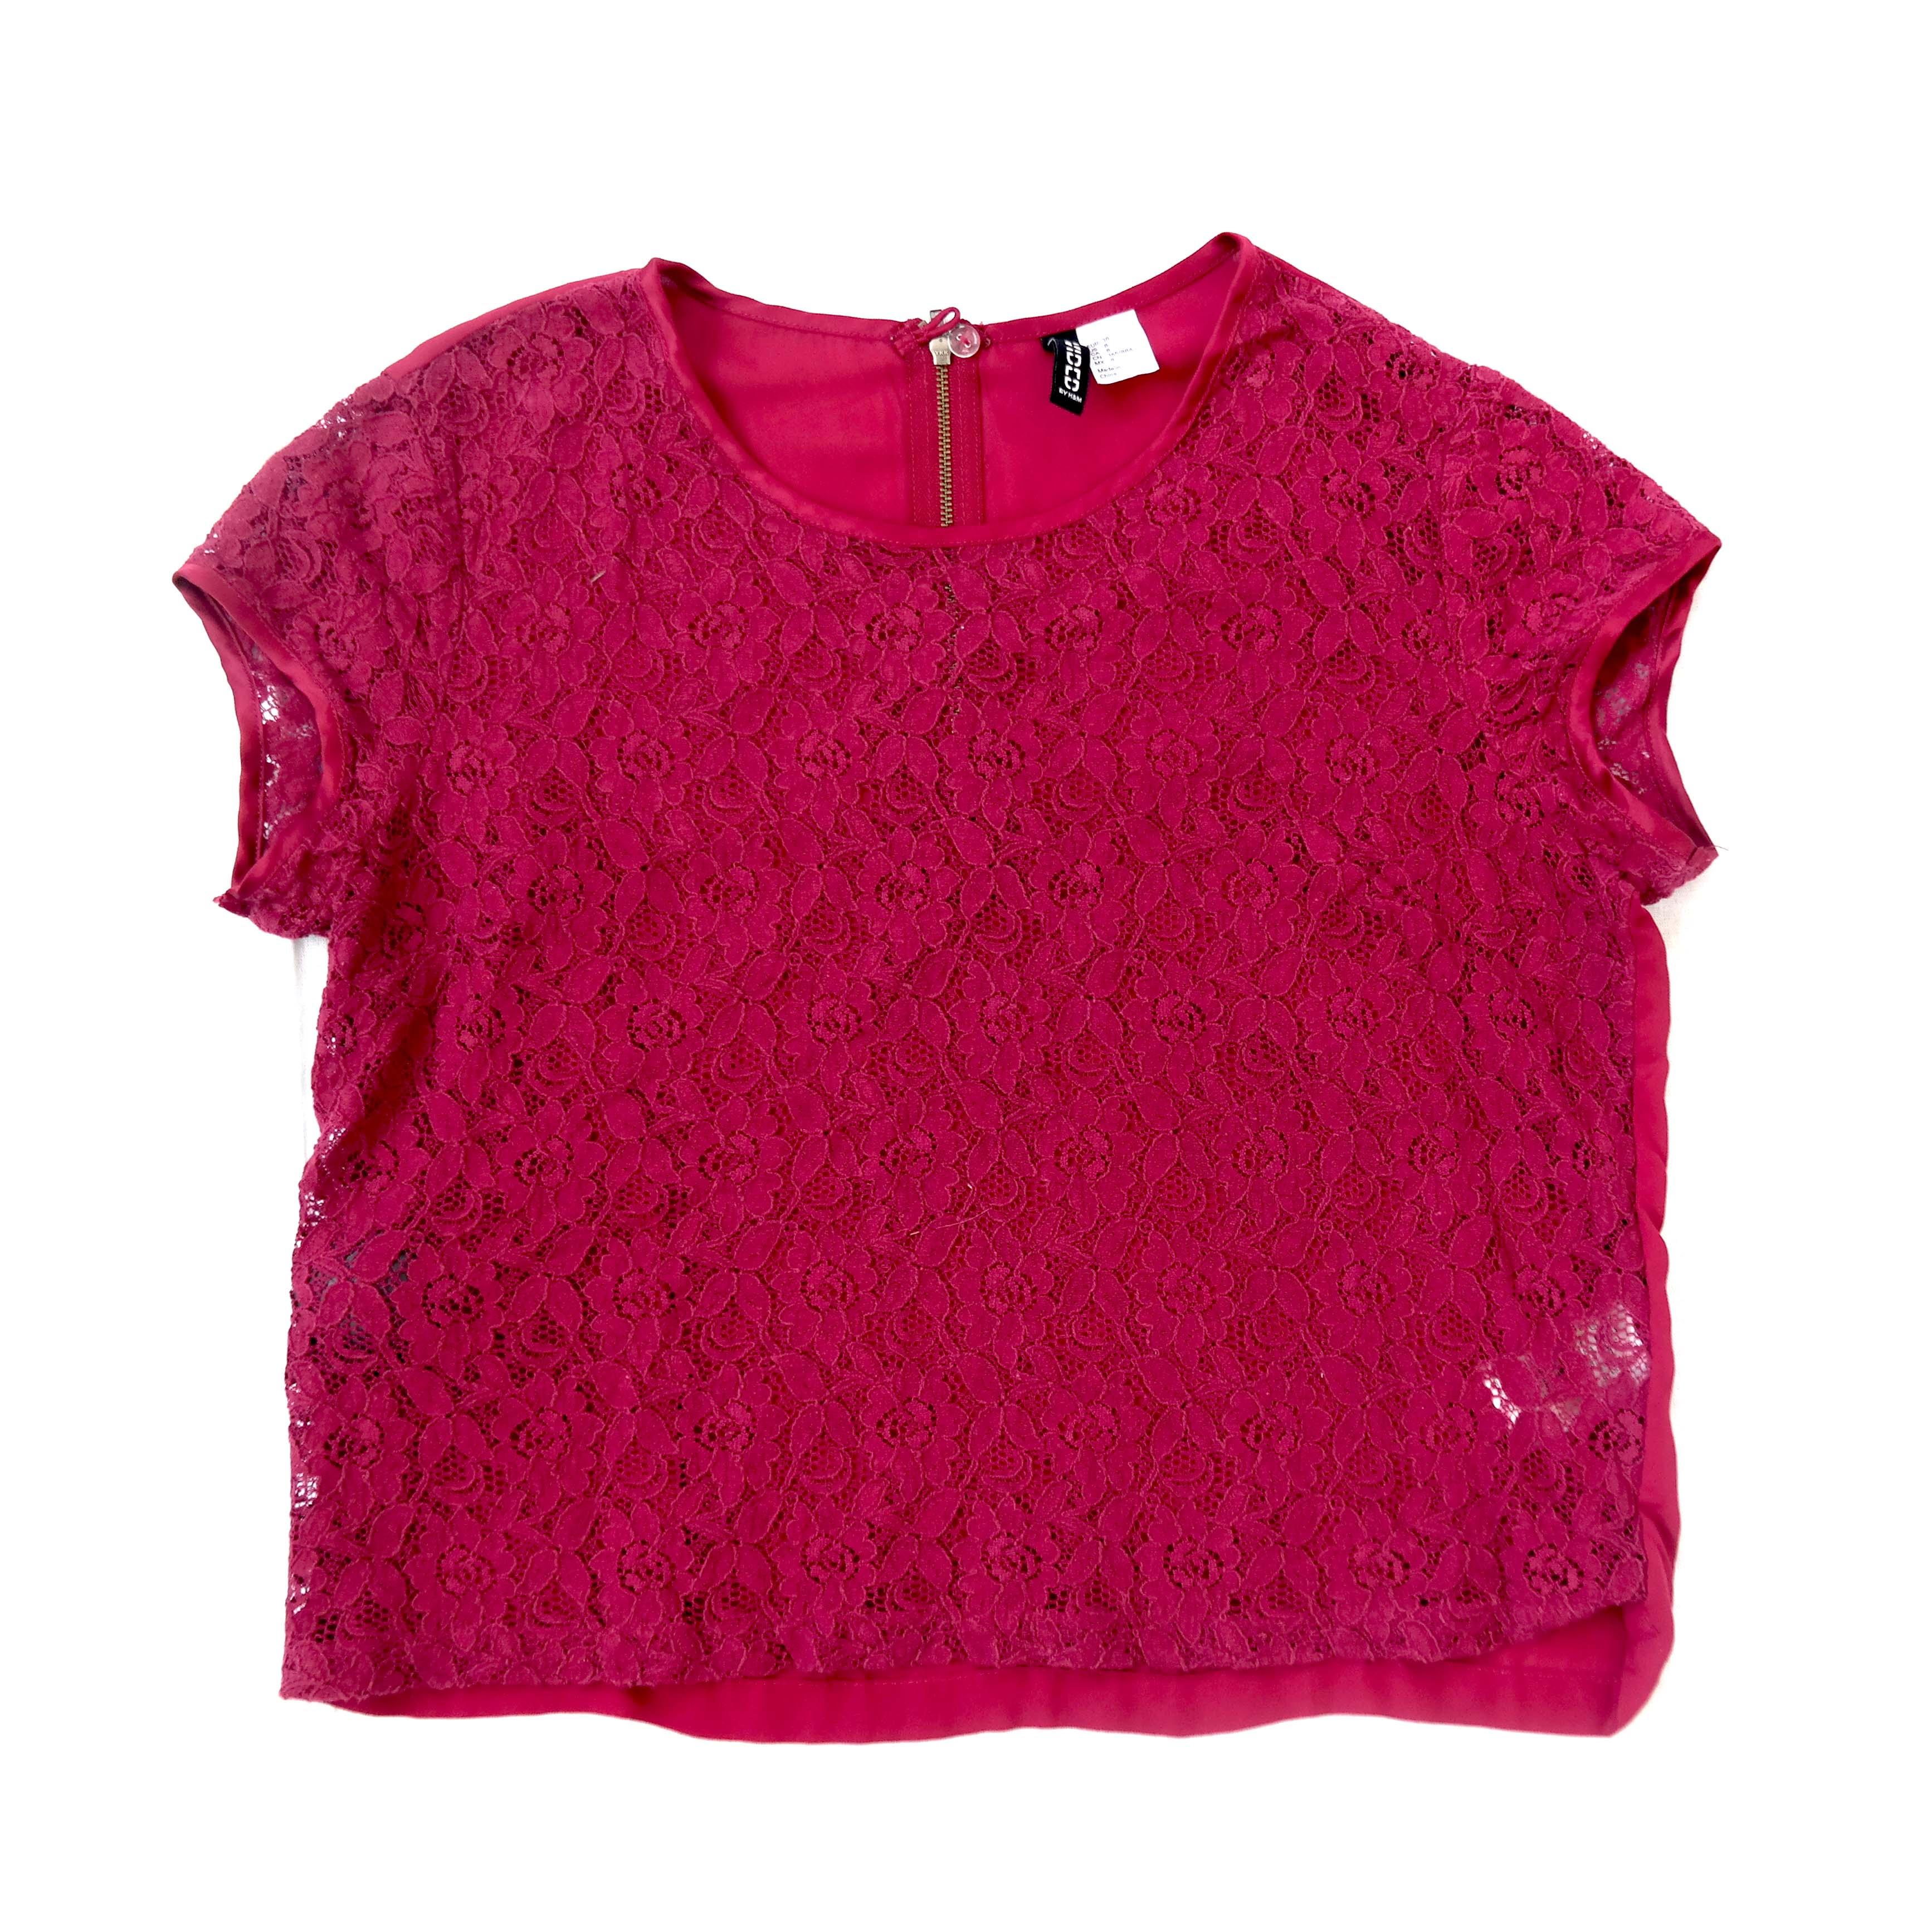 Женская блуза с кружевом в Челябинске